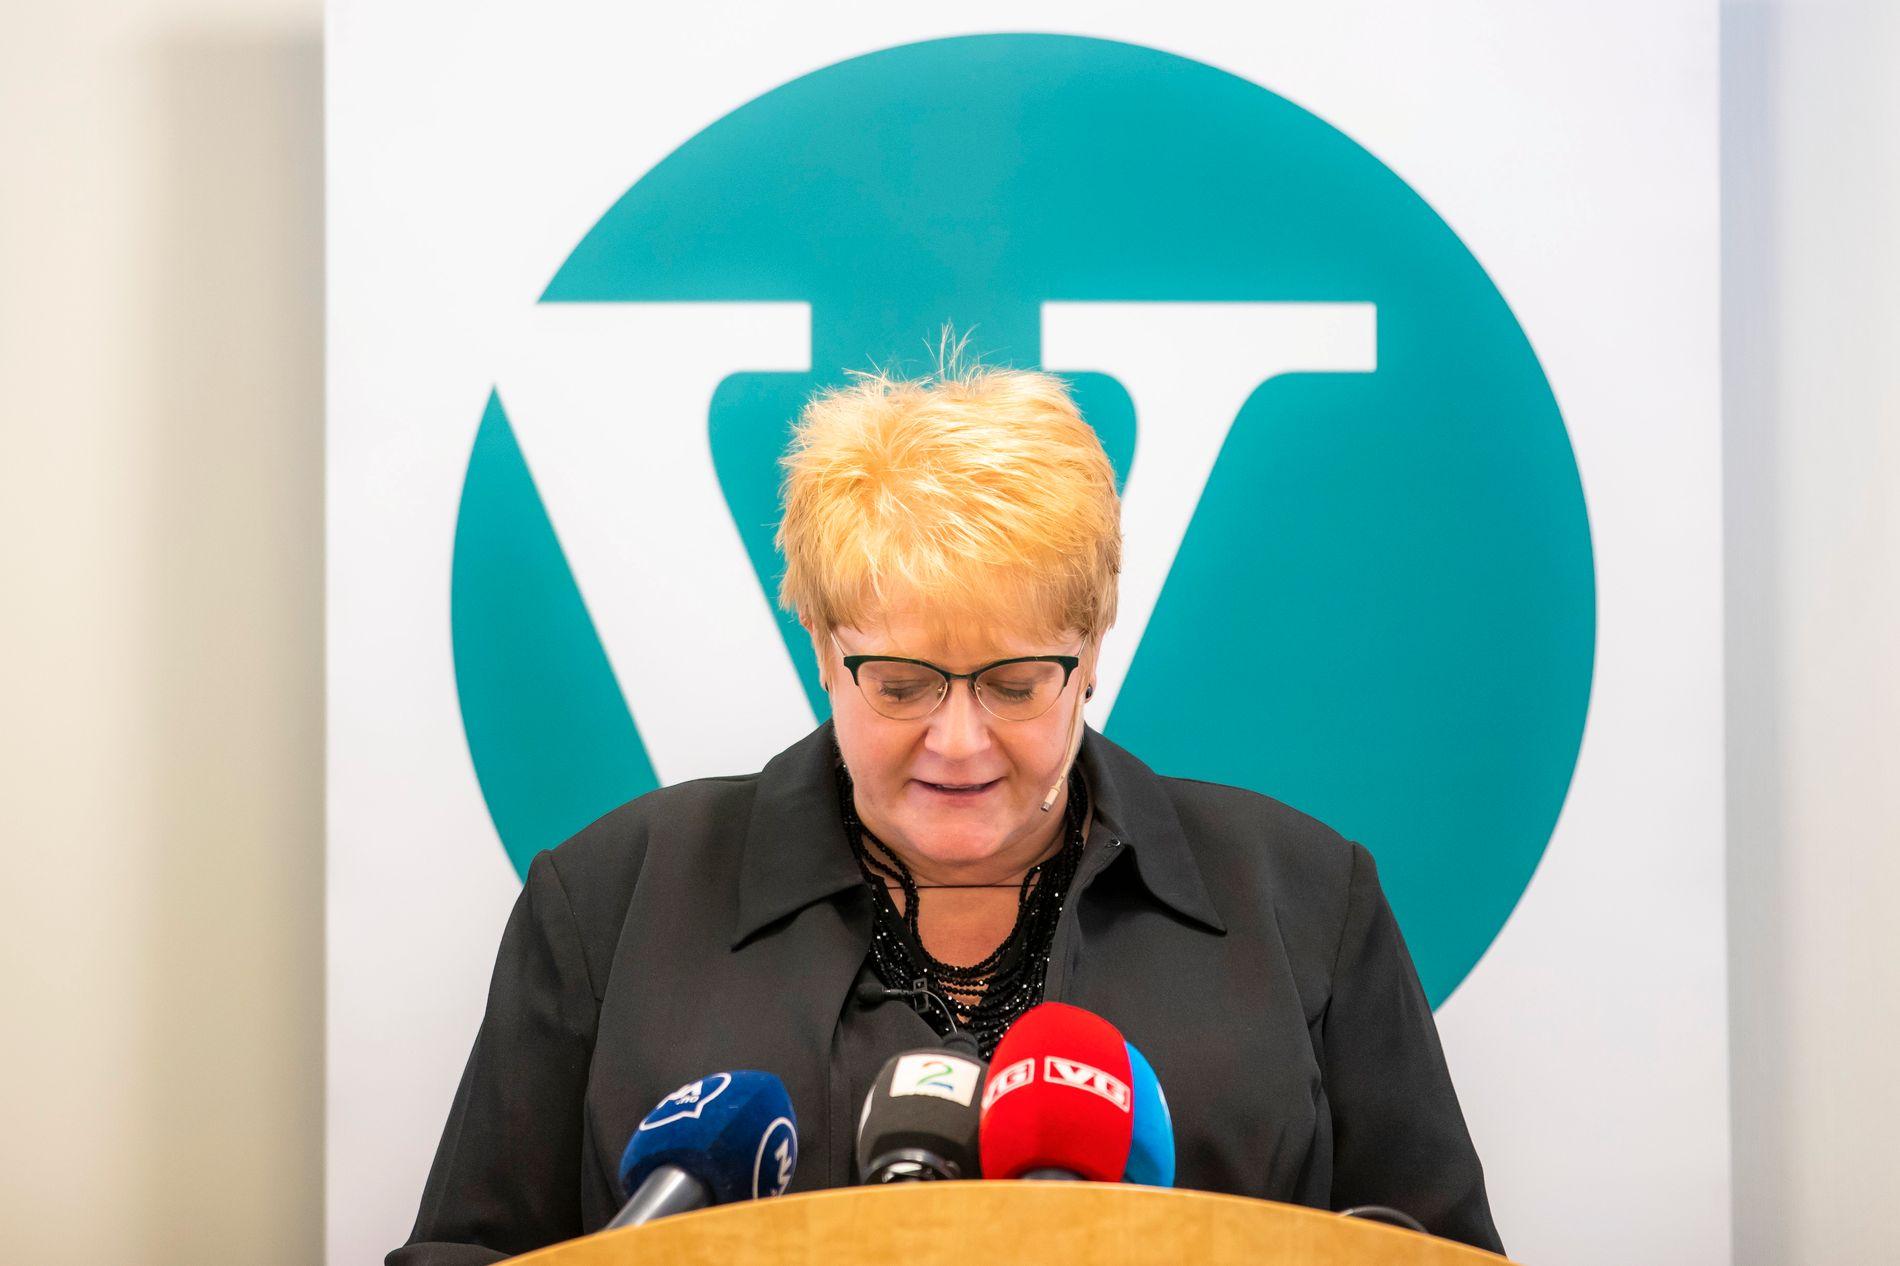 SER MOT AVGRUNNEN: Éin ting er at det er vanskeleg for Venstre-leiar Trine Skei Grande å finne lyspunkt når ho studerer partimålingane. Det er meir alvorleg at hennar innsats i regjering førebels ikkje får ned klimagassutsleppa.